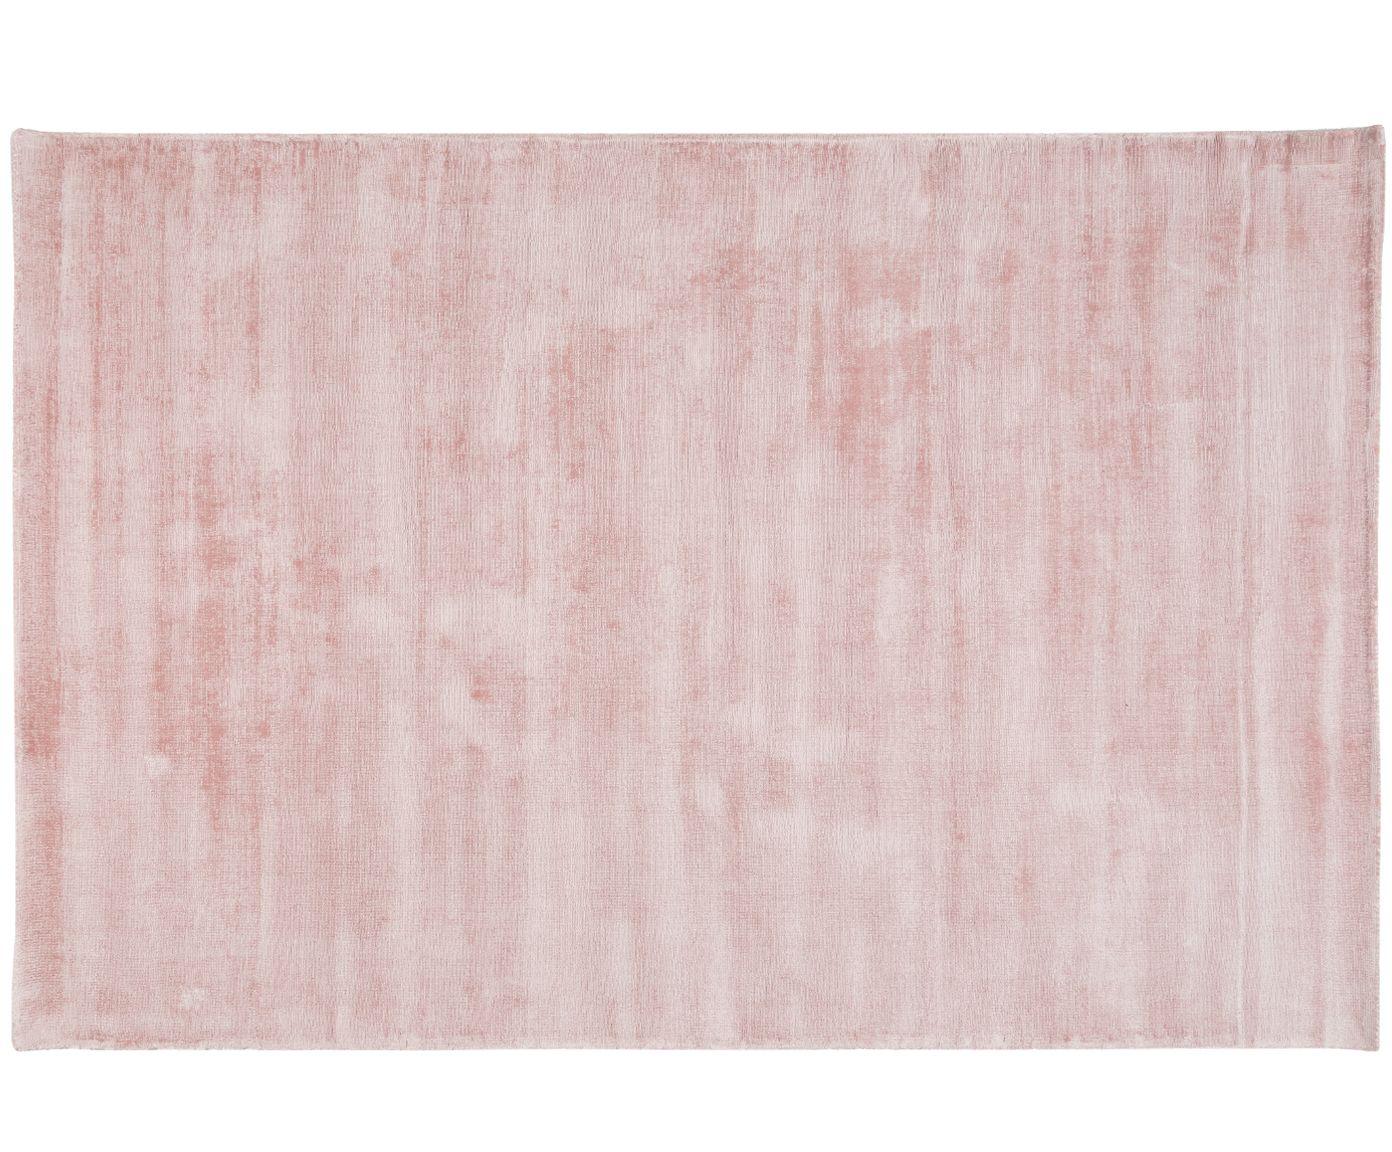 Gehen Sie Mit Viskoseteppich Jane In Rosa Wie Auf Wolken Entdecken Sie Weitere Tolle Teppiche Von Westwing Col Tapis En Viscose Petit Tapis Tapis Antiderapant